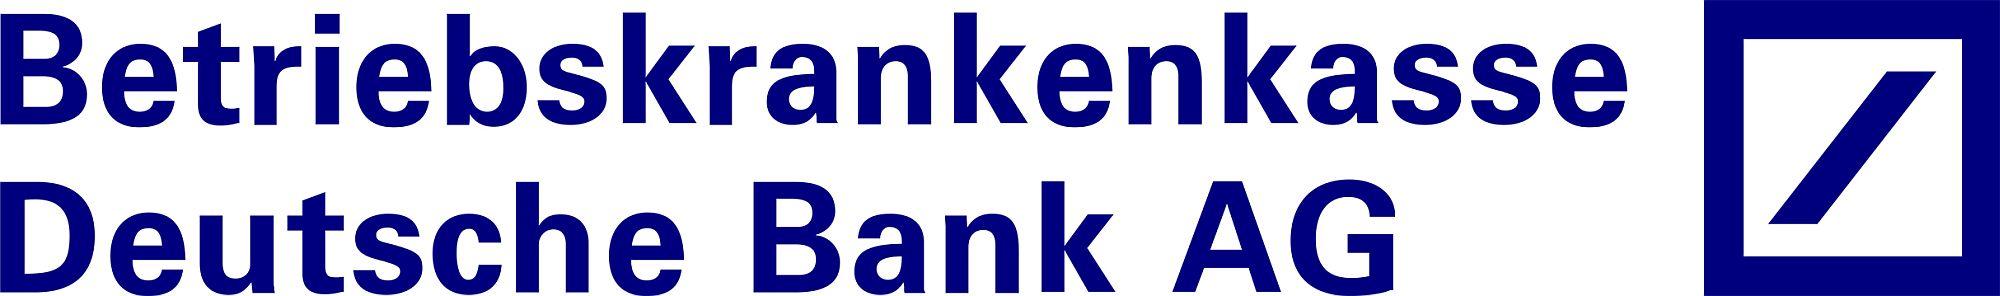 Logo BKK Deutsche Bank AG